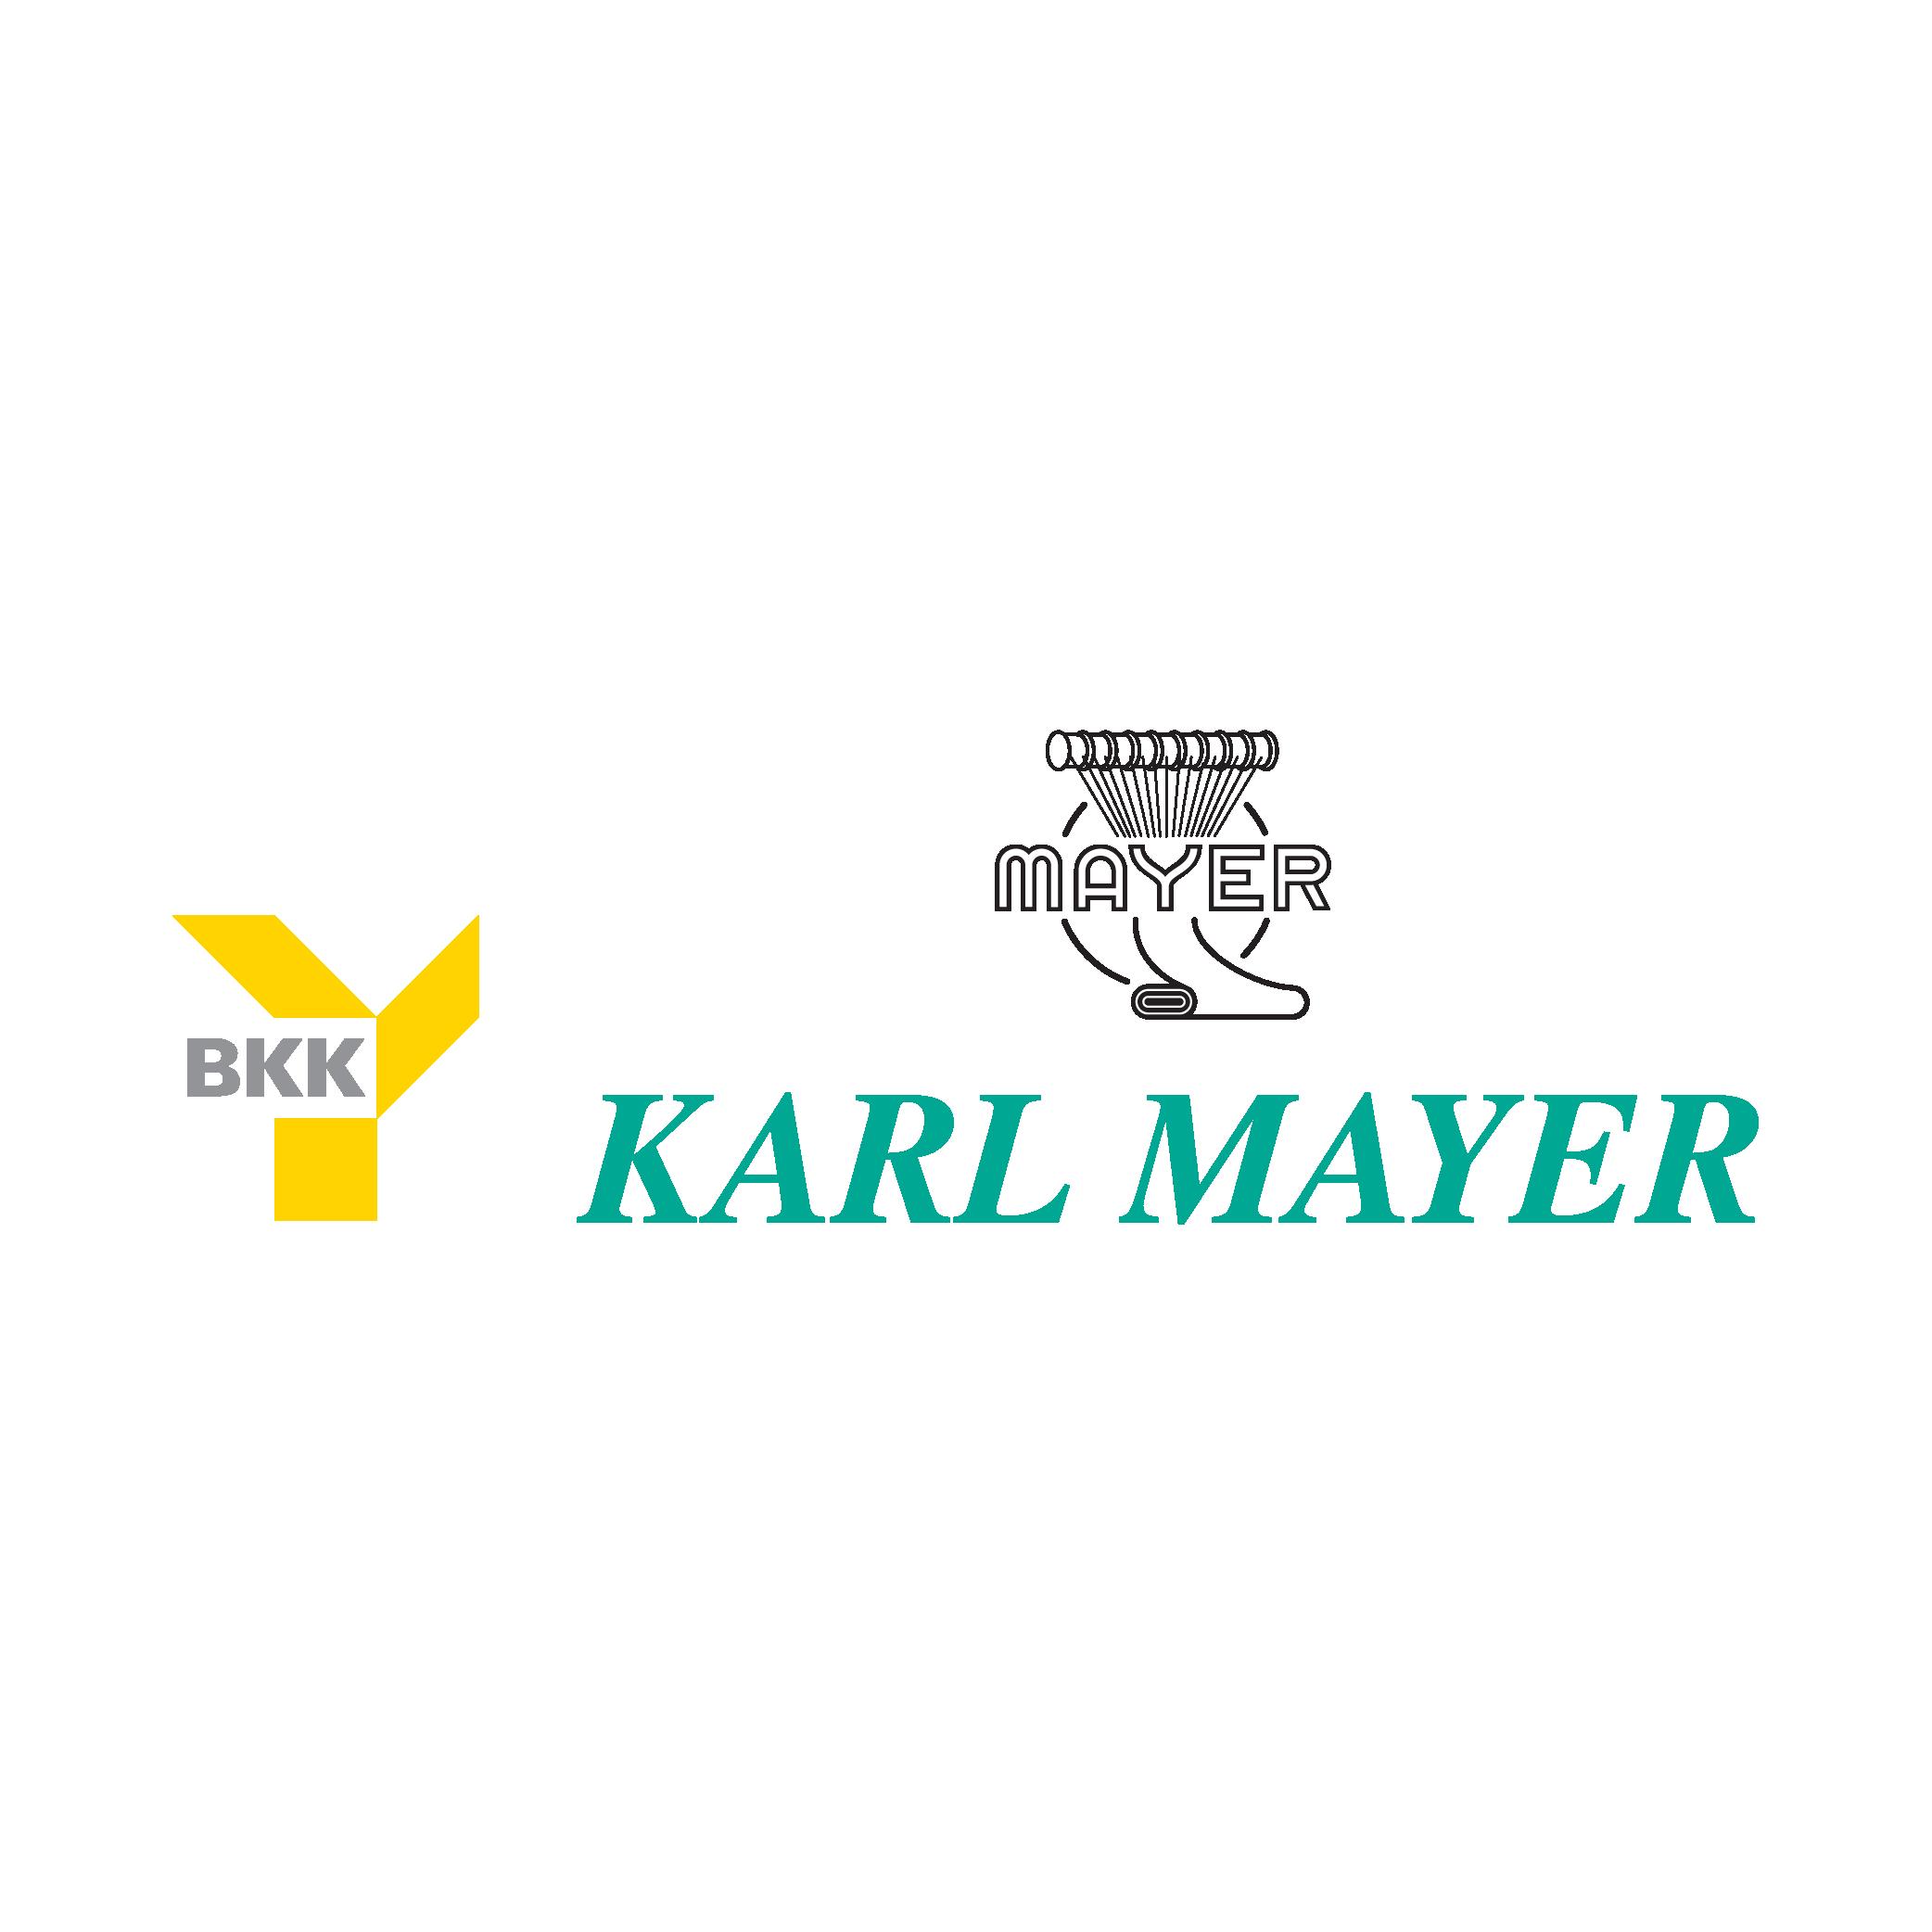 Markenzeichen der BKK KARL MAYER